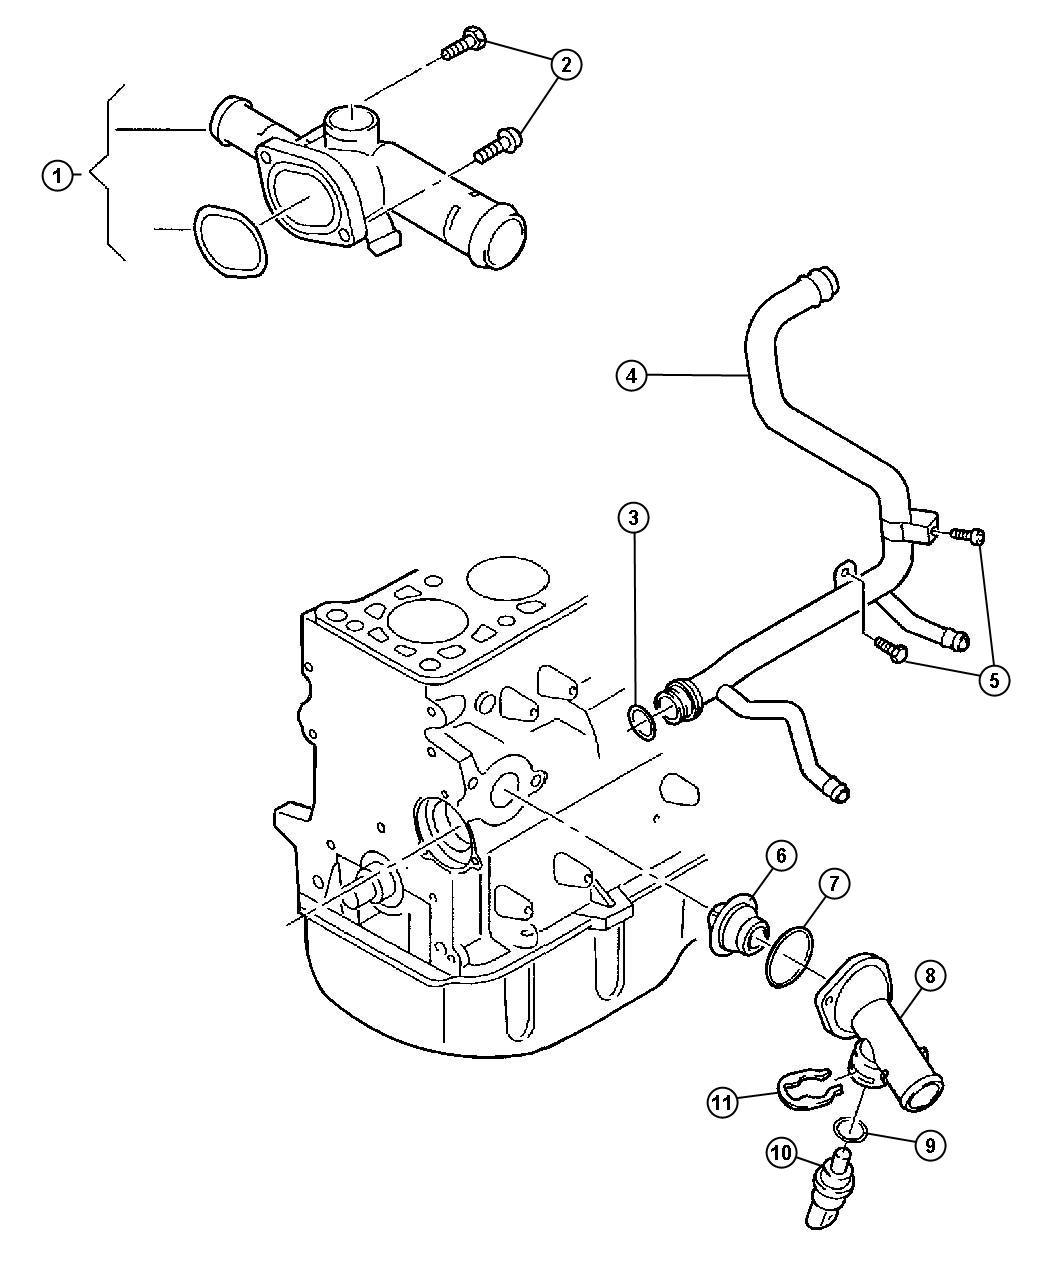 2008 dodge caliber parts diagrams